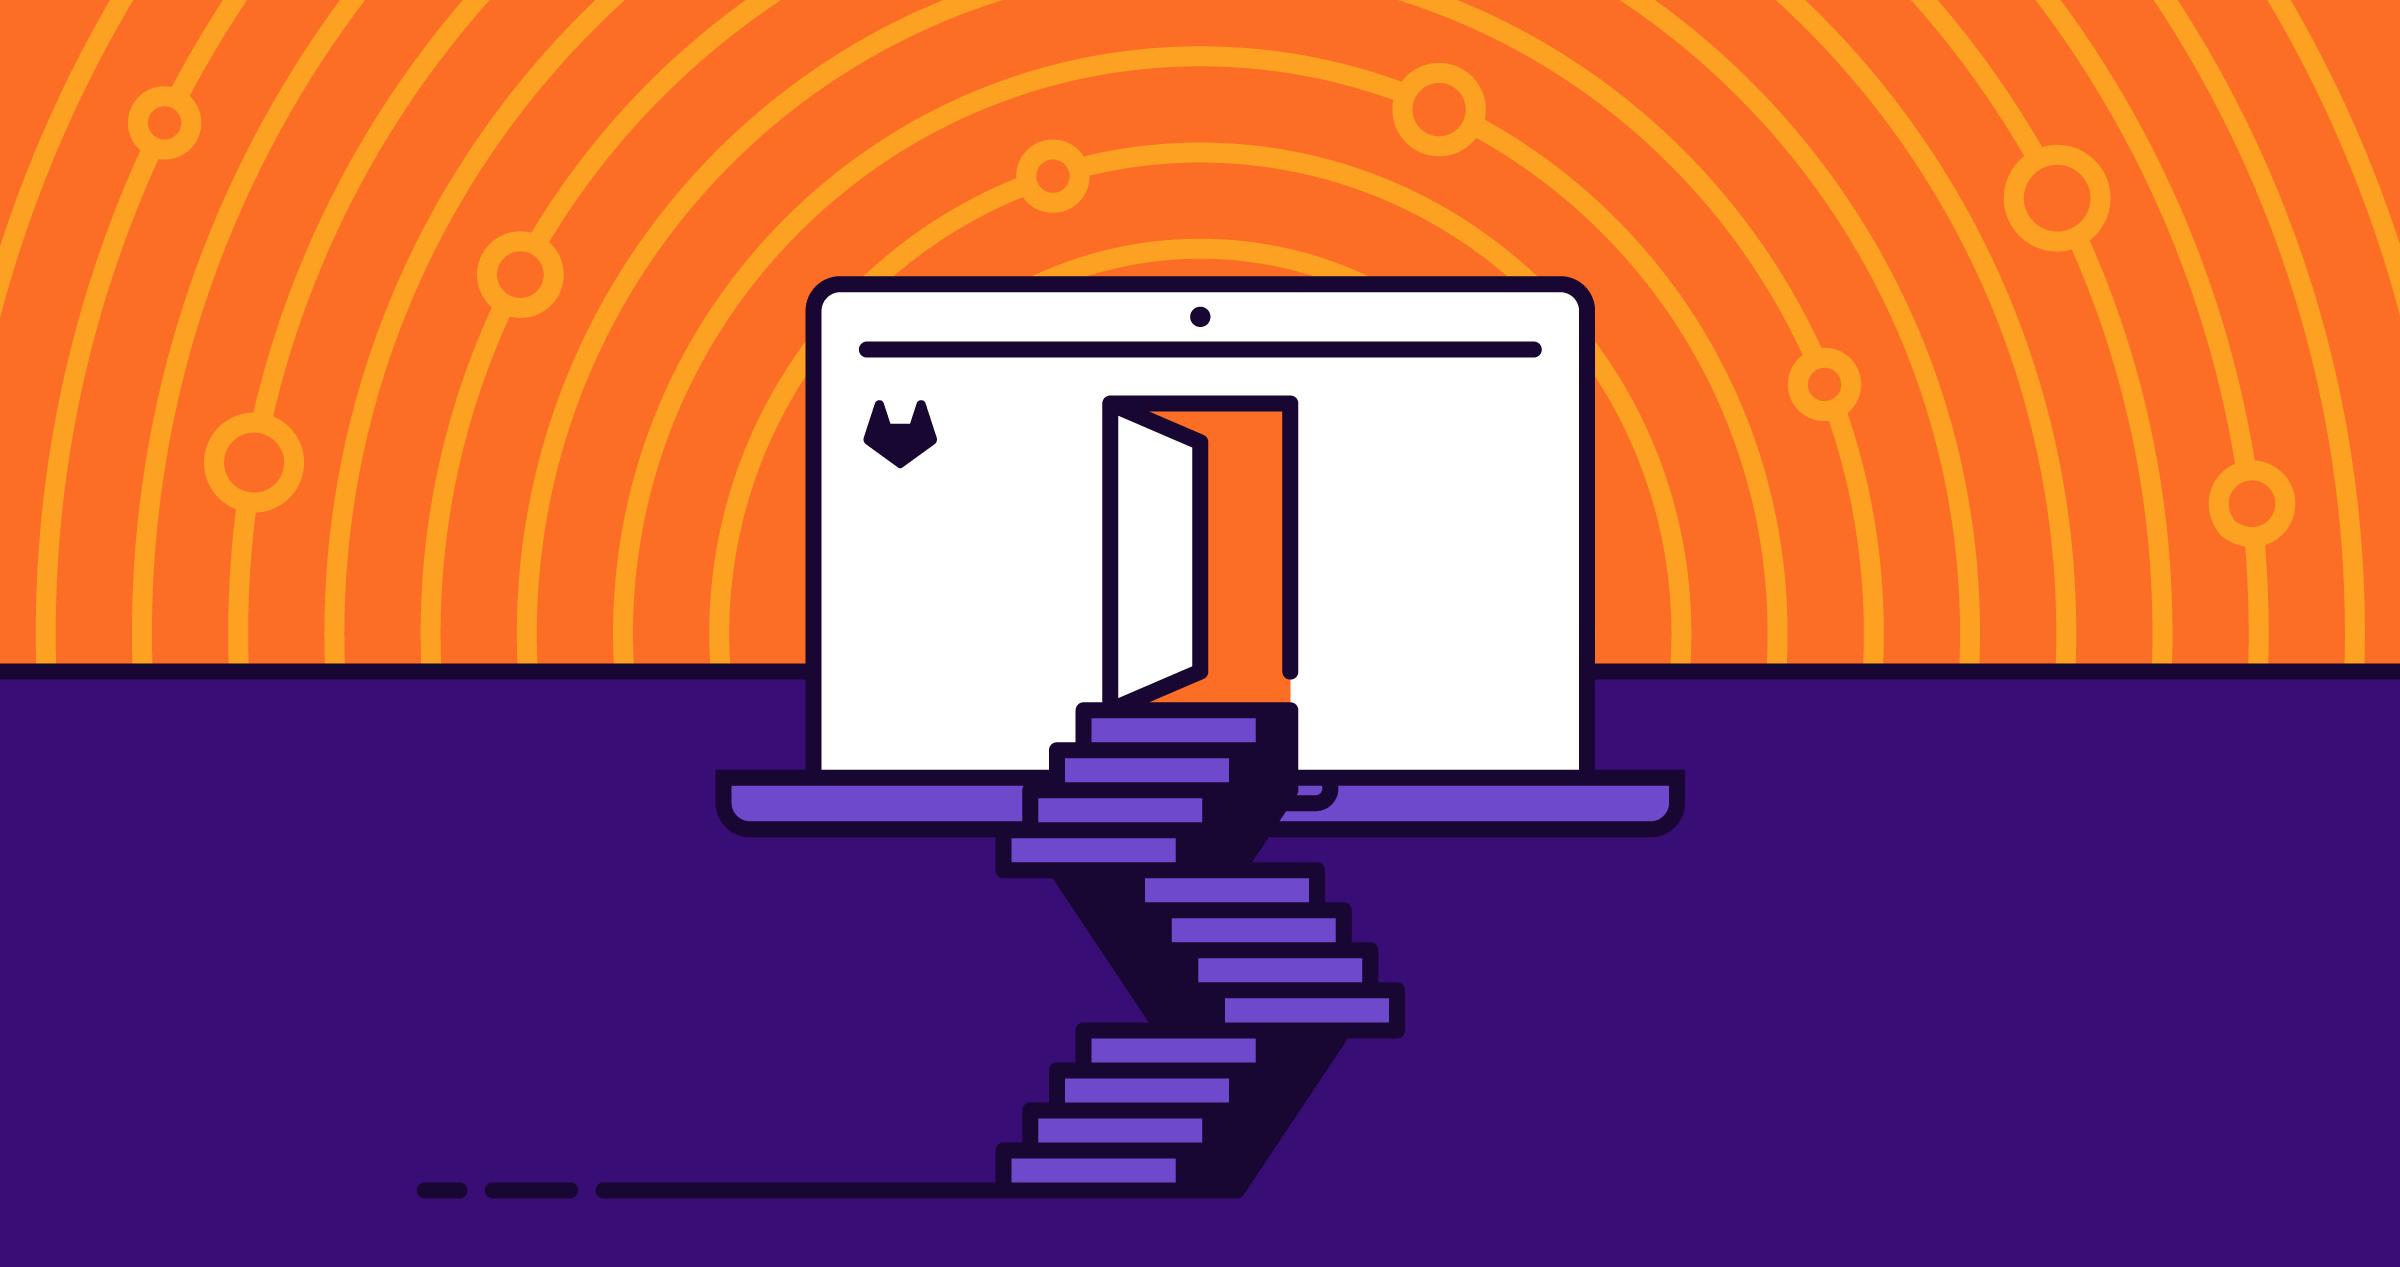 GitLab's 2021 Survey uncovers a new DevOps maturity model